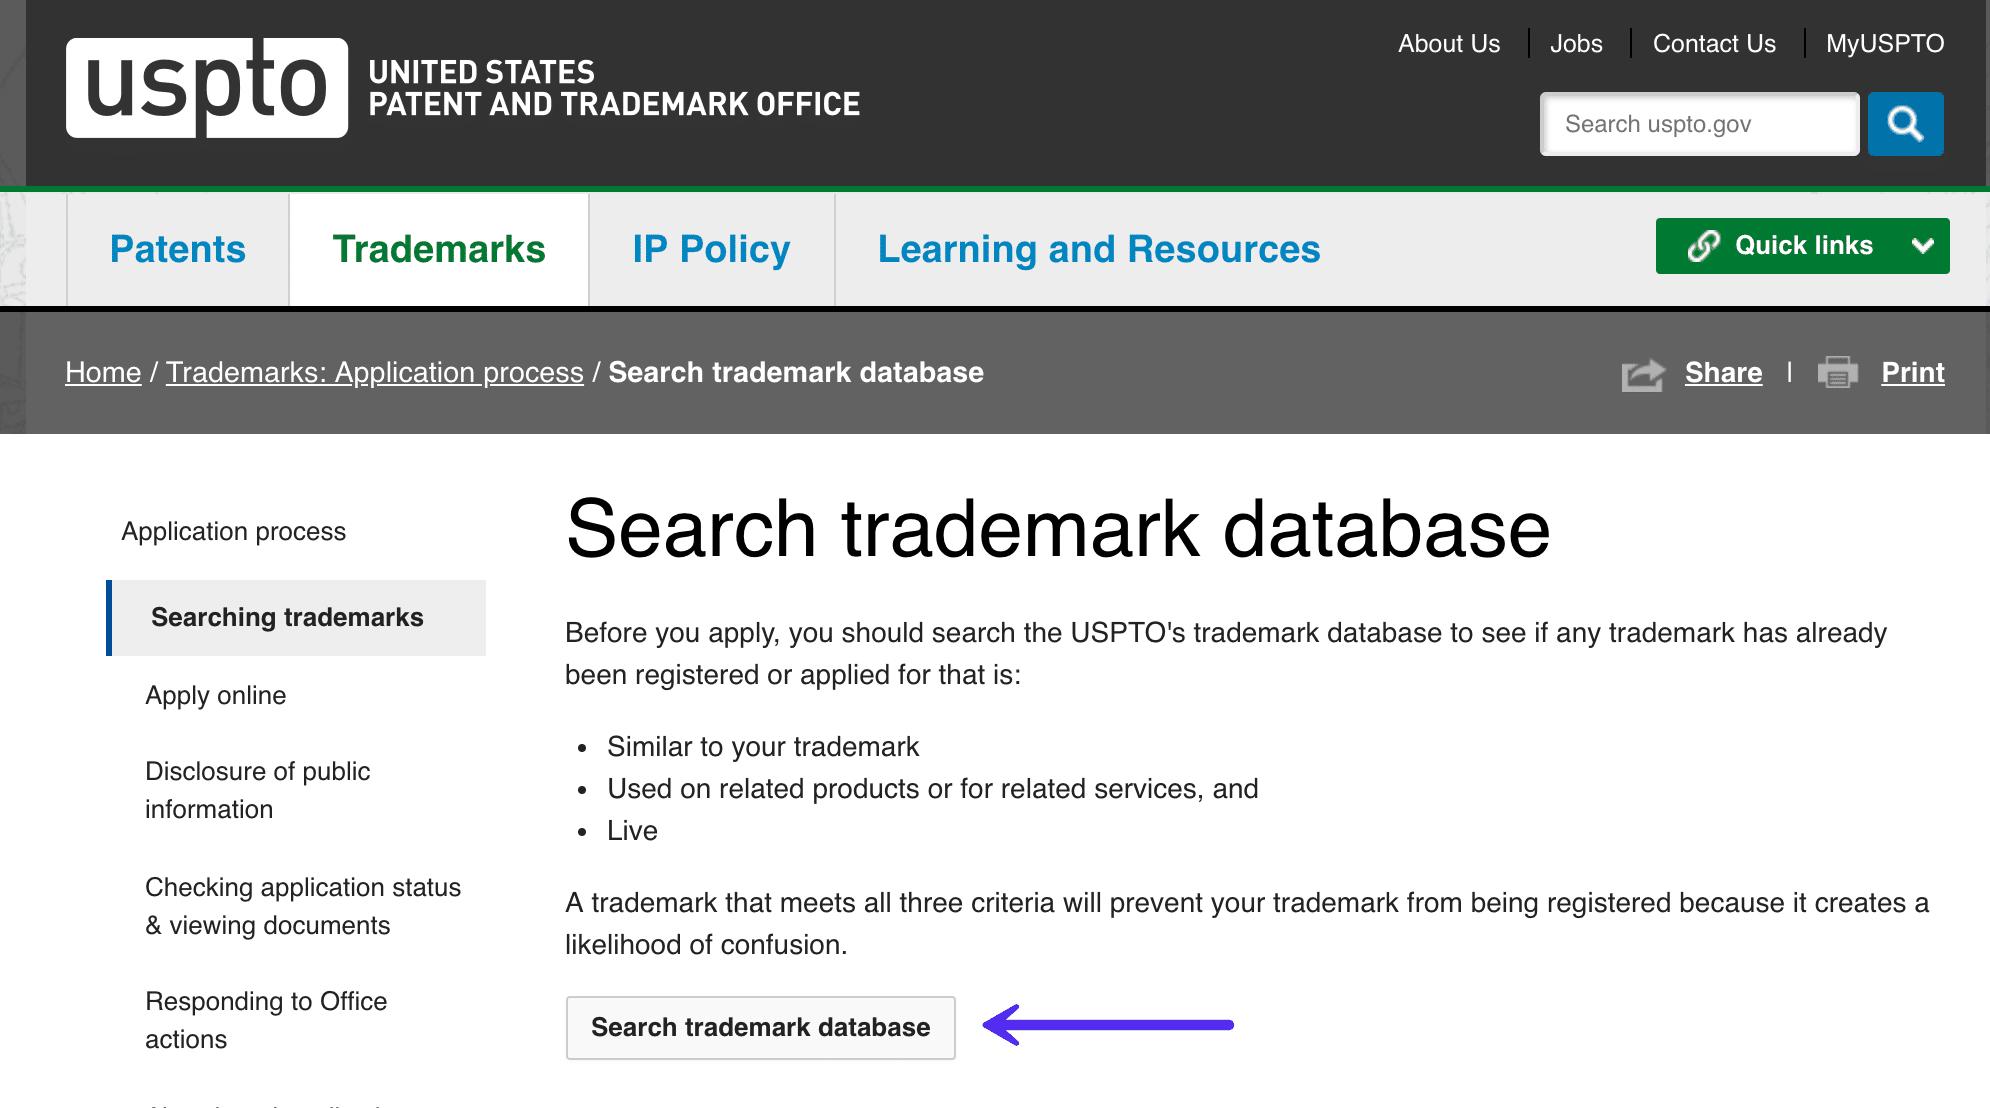 Pesquisar na base de dados de marcas registadas